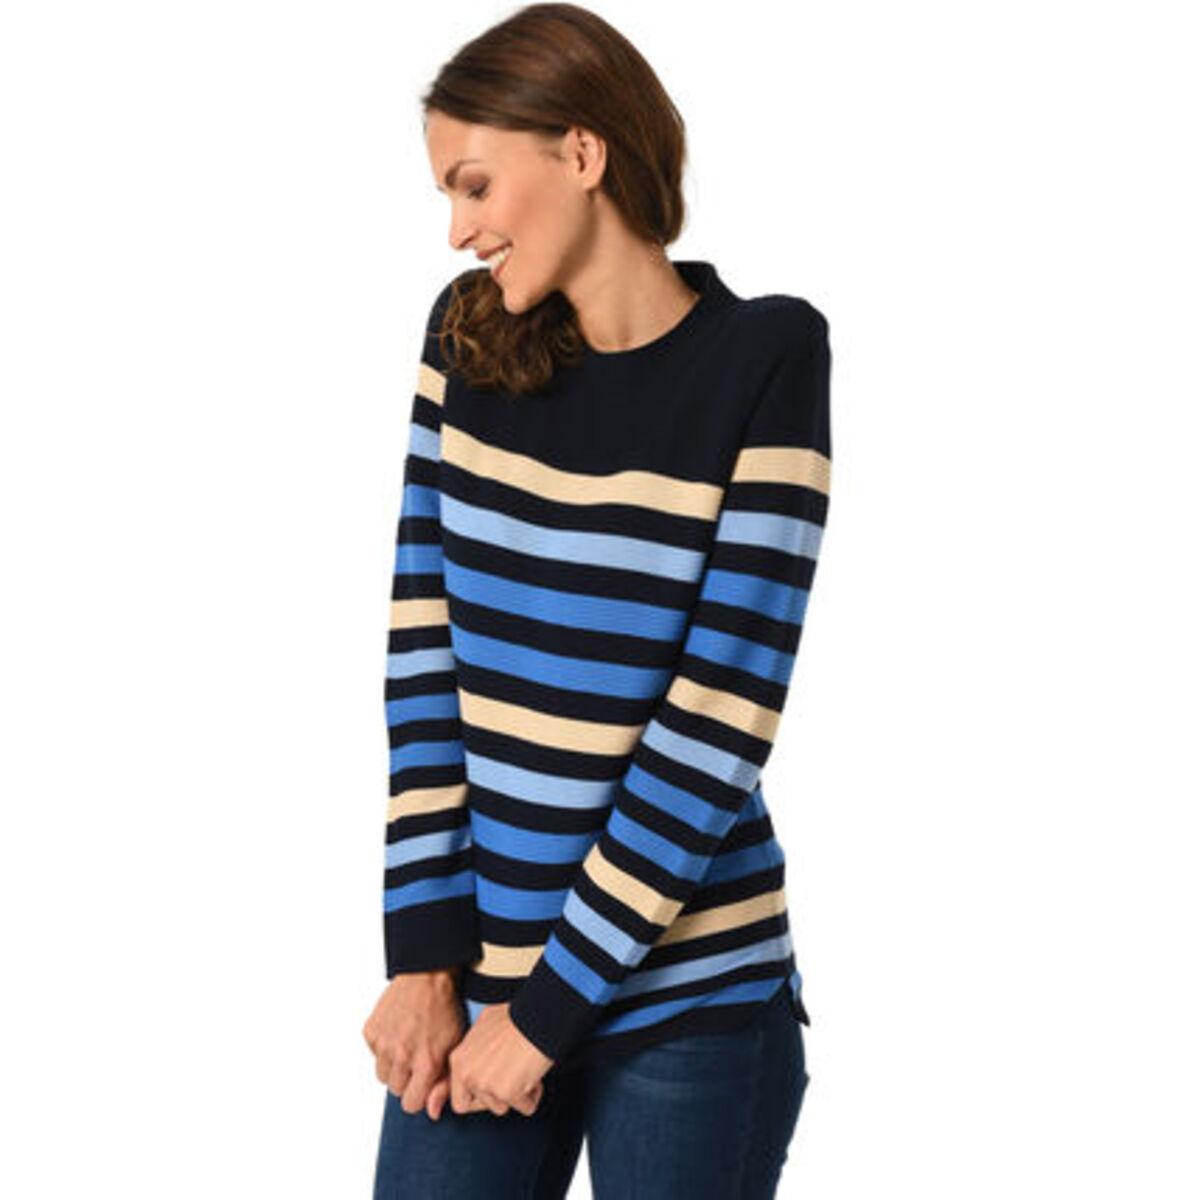 Bild 3 von Adagio Pullover, Baumwoll-Mix, Rundhalsausschnitt, Streifen-Muster, für Damen